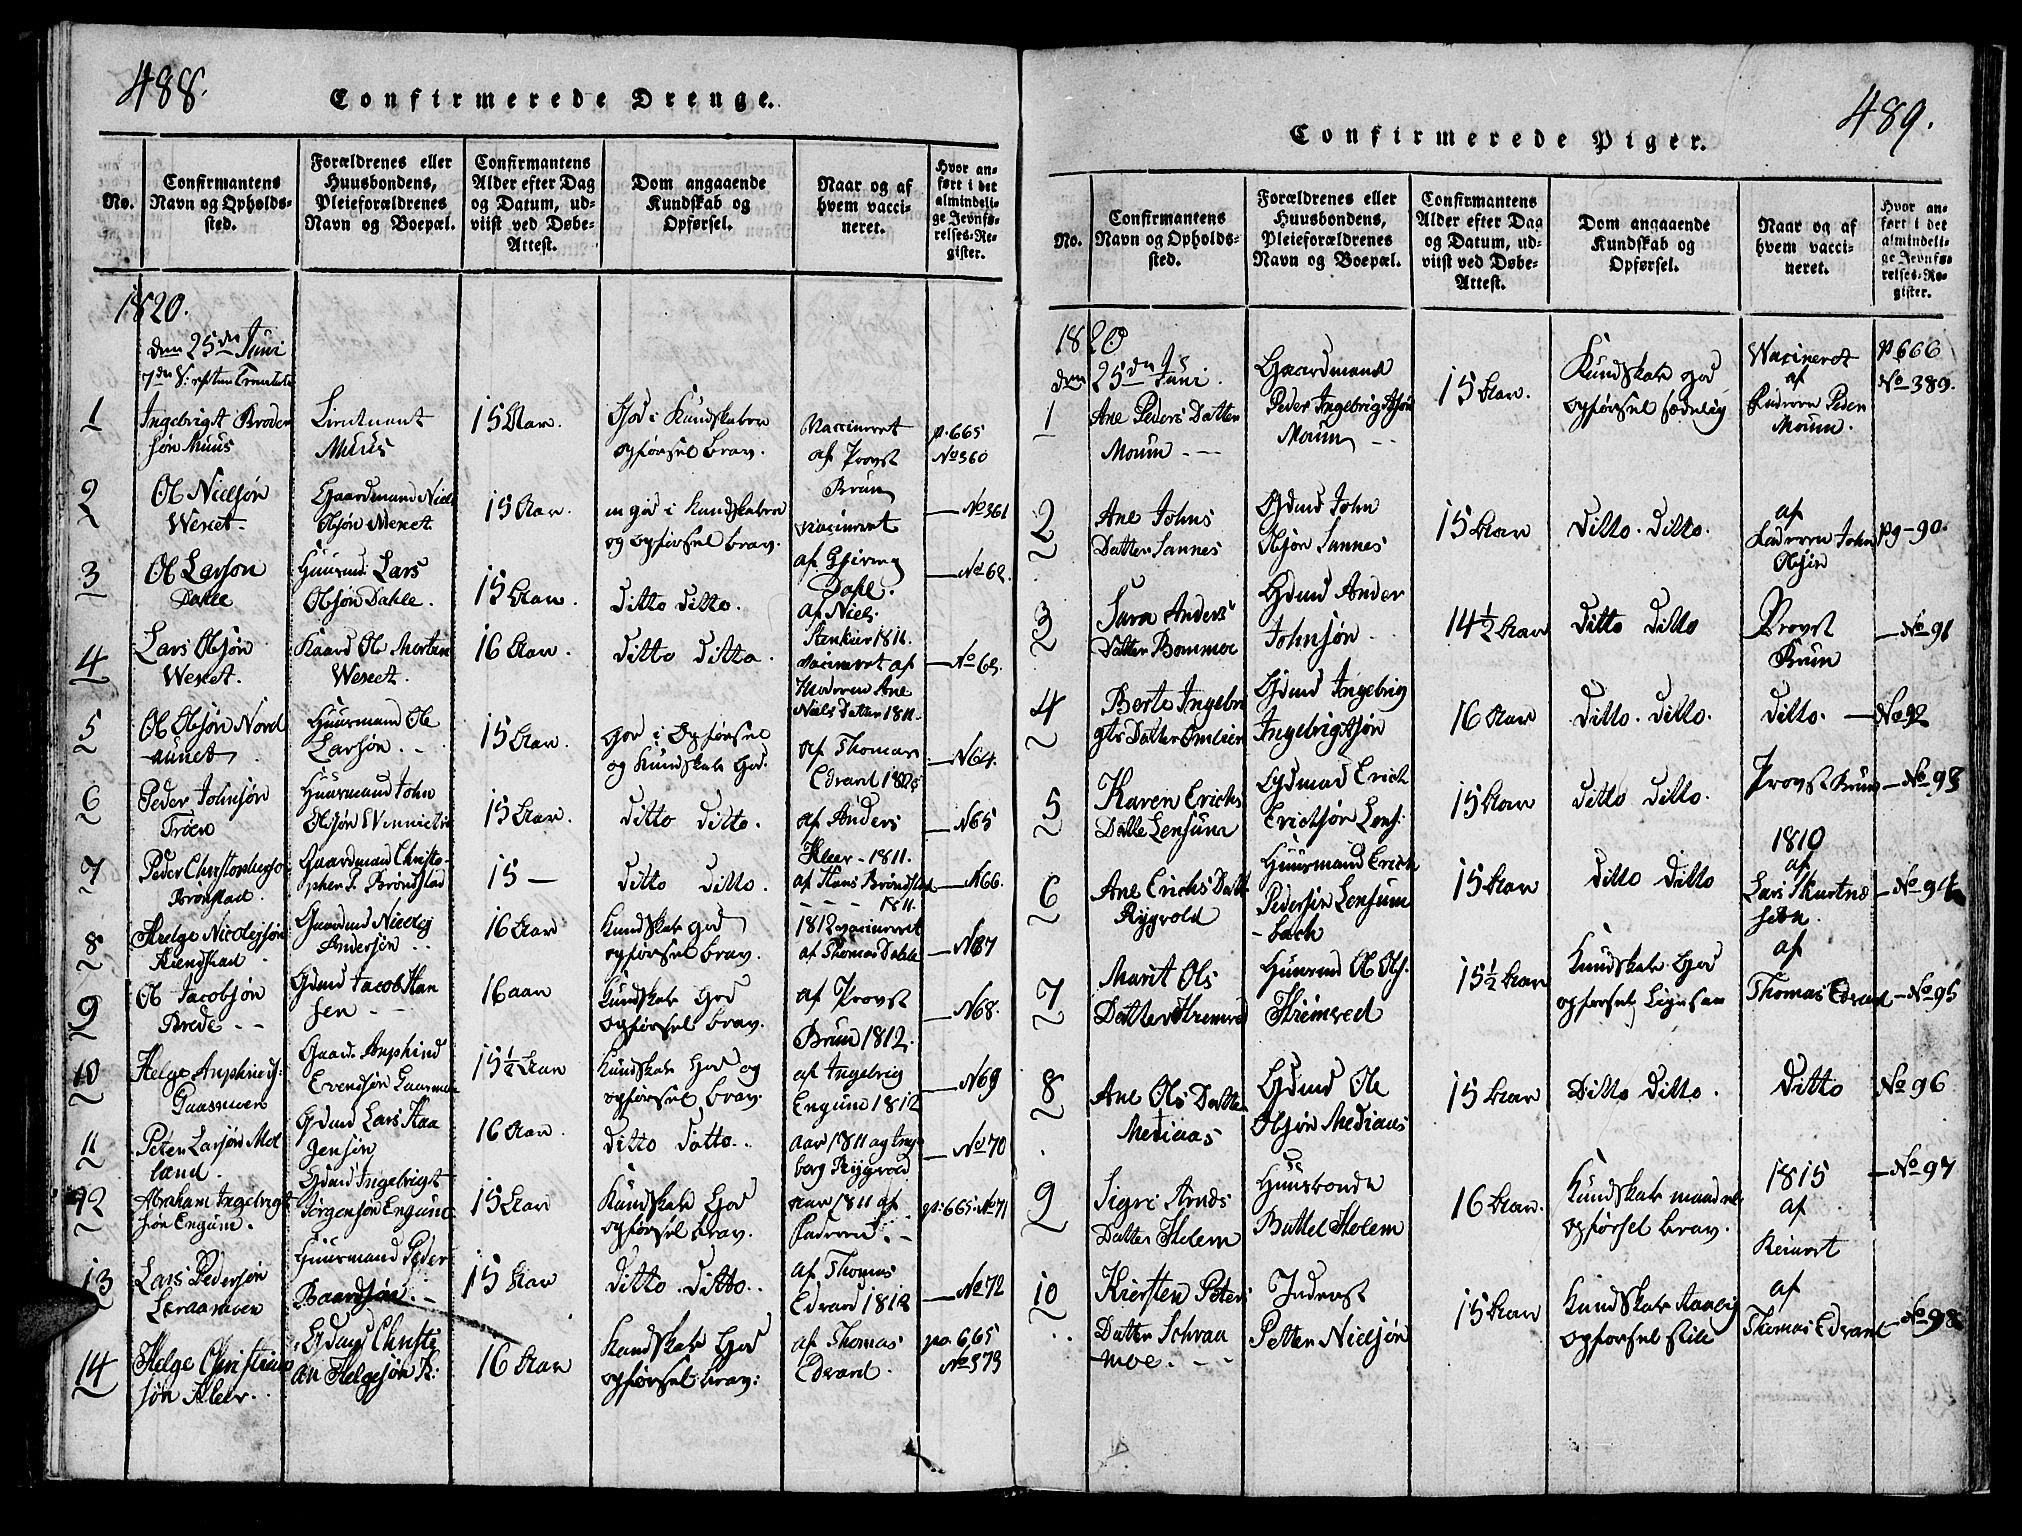 SAT, Ministerialprotokoller, klokkerbøker og fødselsregistre - Nord-Trøndelag, 749/L0479: Klokkerbok nr. 749C01, 1817-1829, s. 488-489